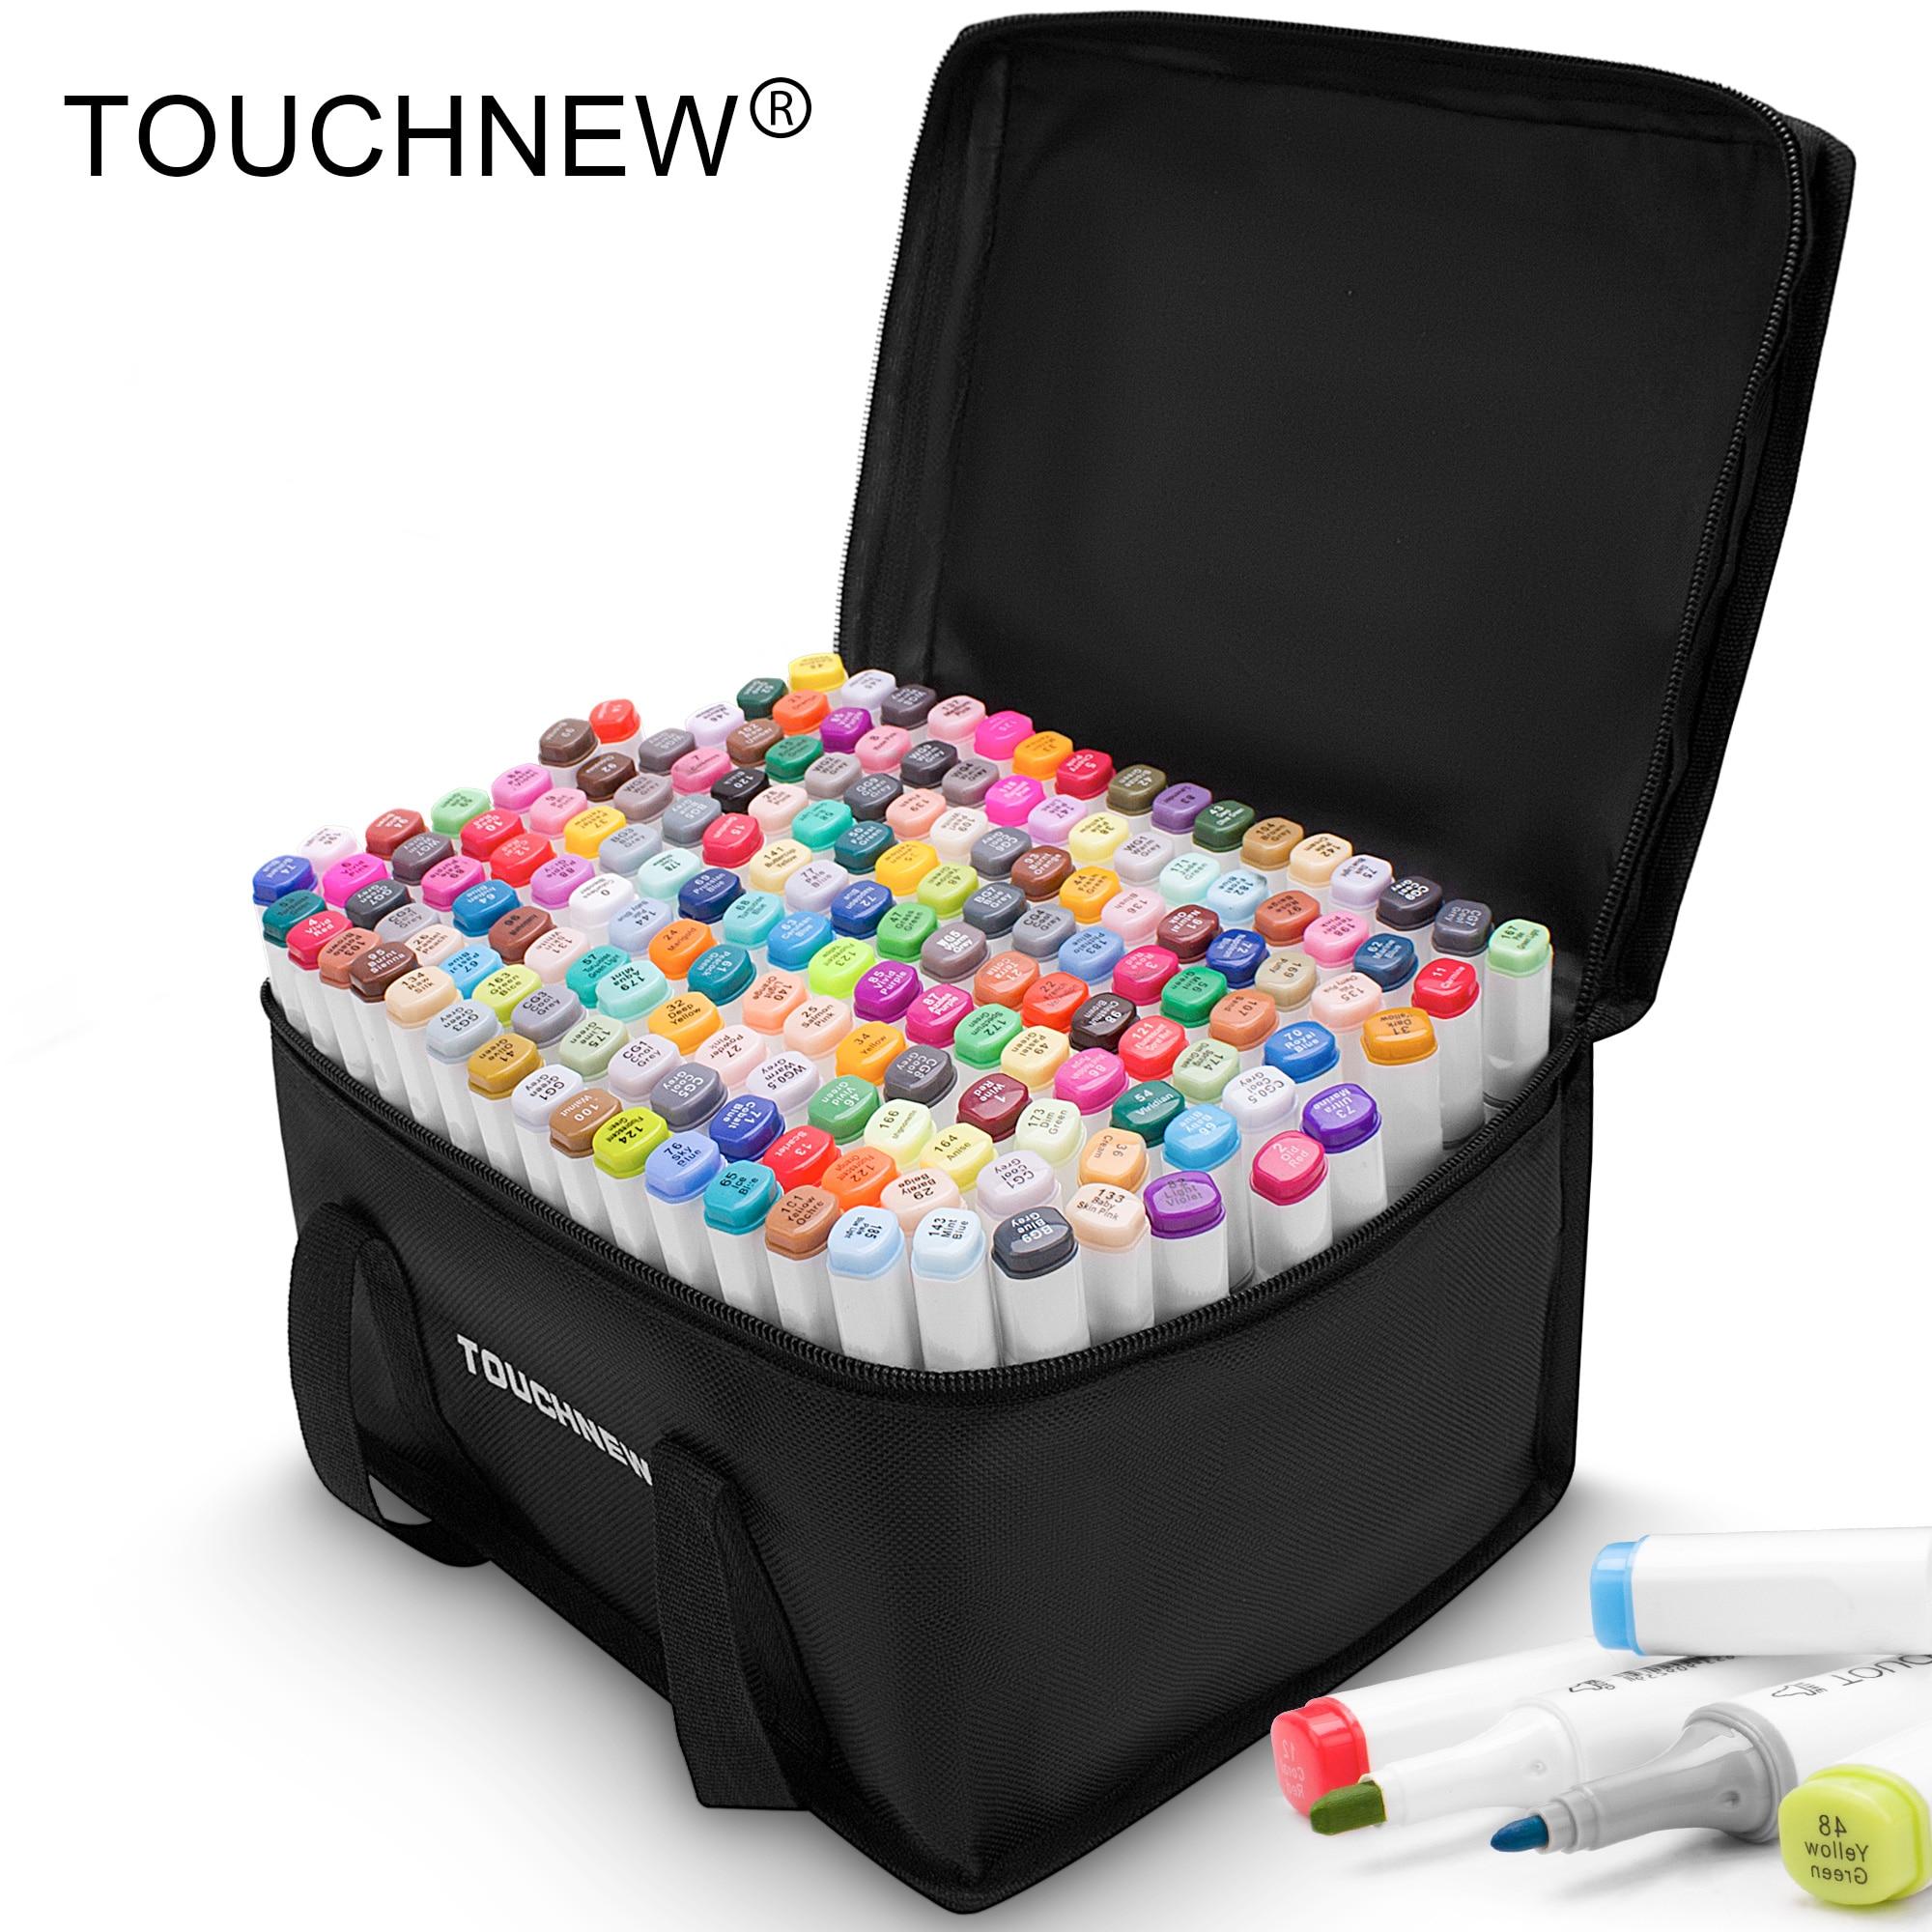 profissao marcadores de arte touchnew marcador conjunto 30 40 60 80 168 conjunto duplo cabeca marcador